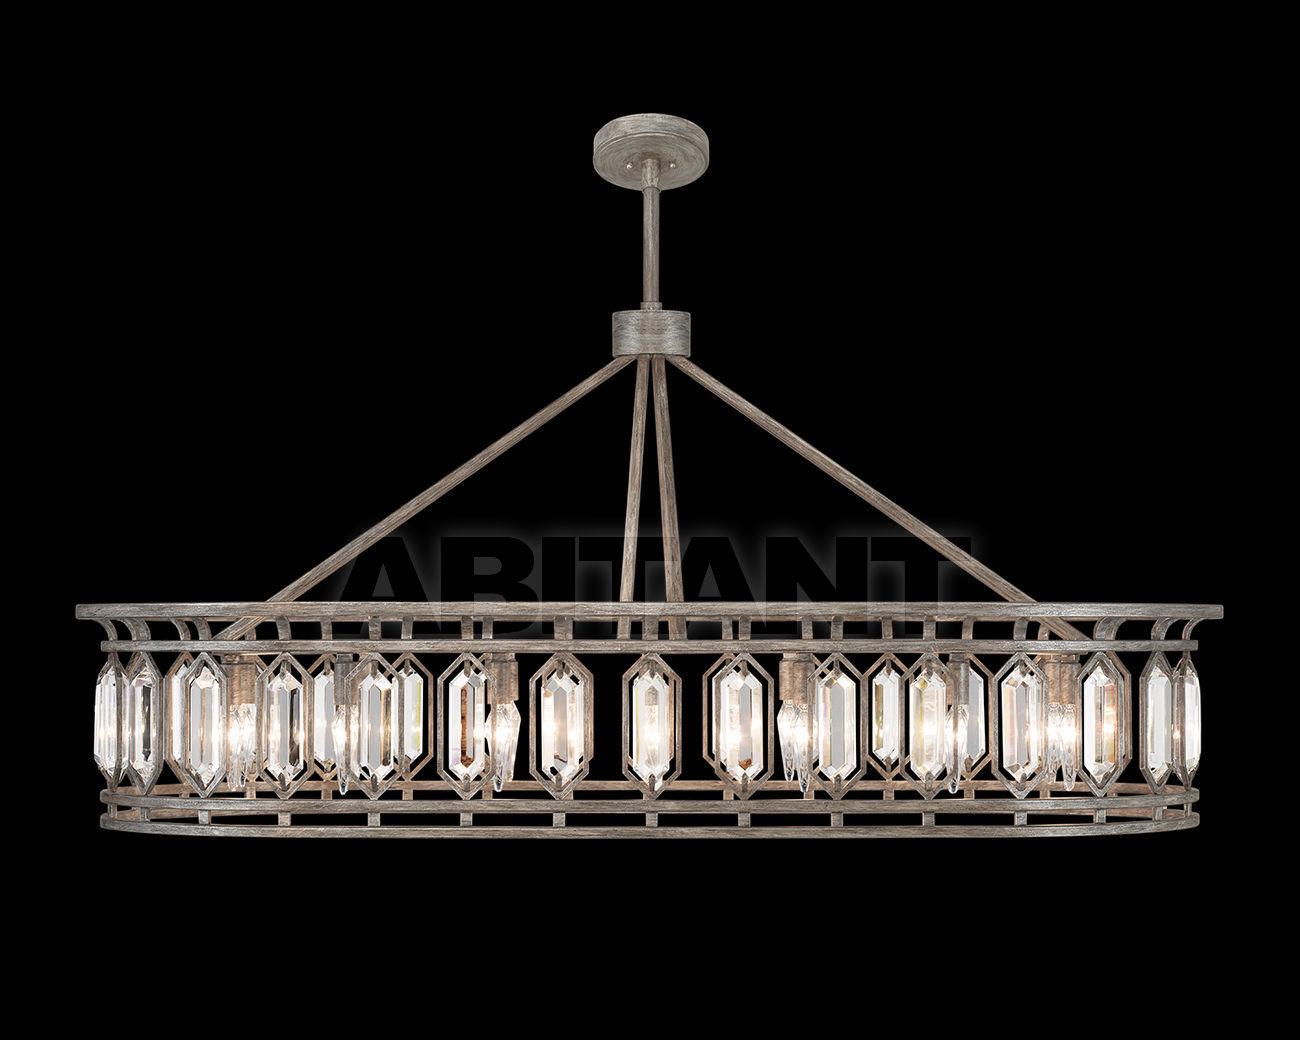 Купить Люстра Fine Art Lamps WESTMINSTER  889940-1 ST